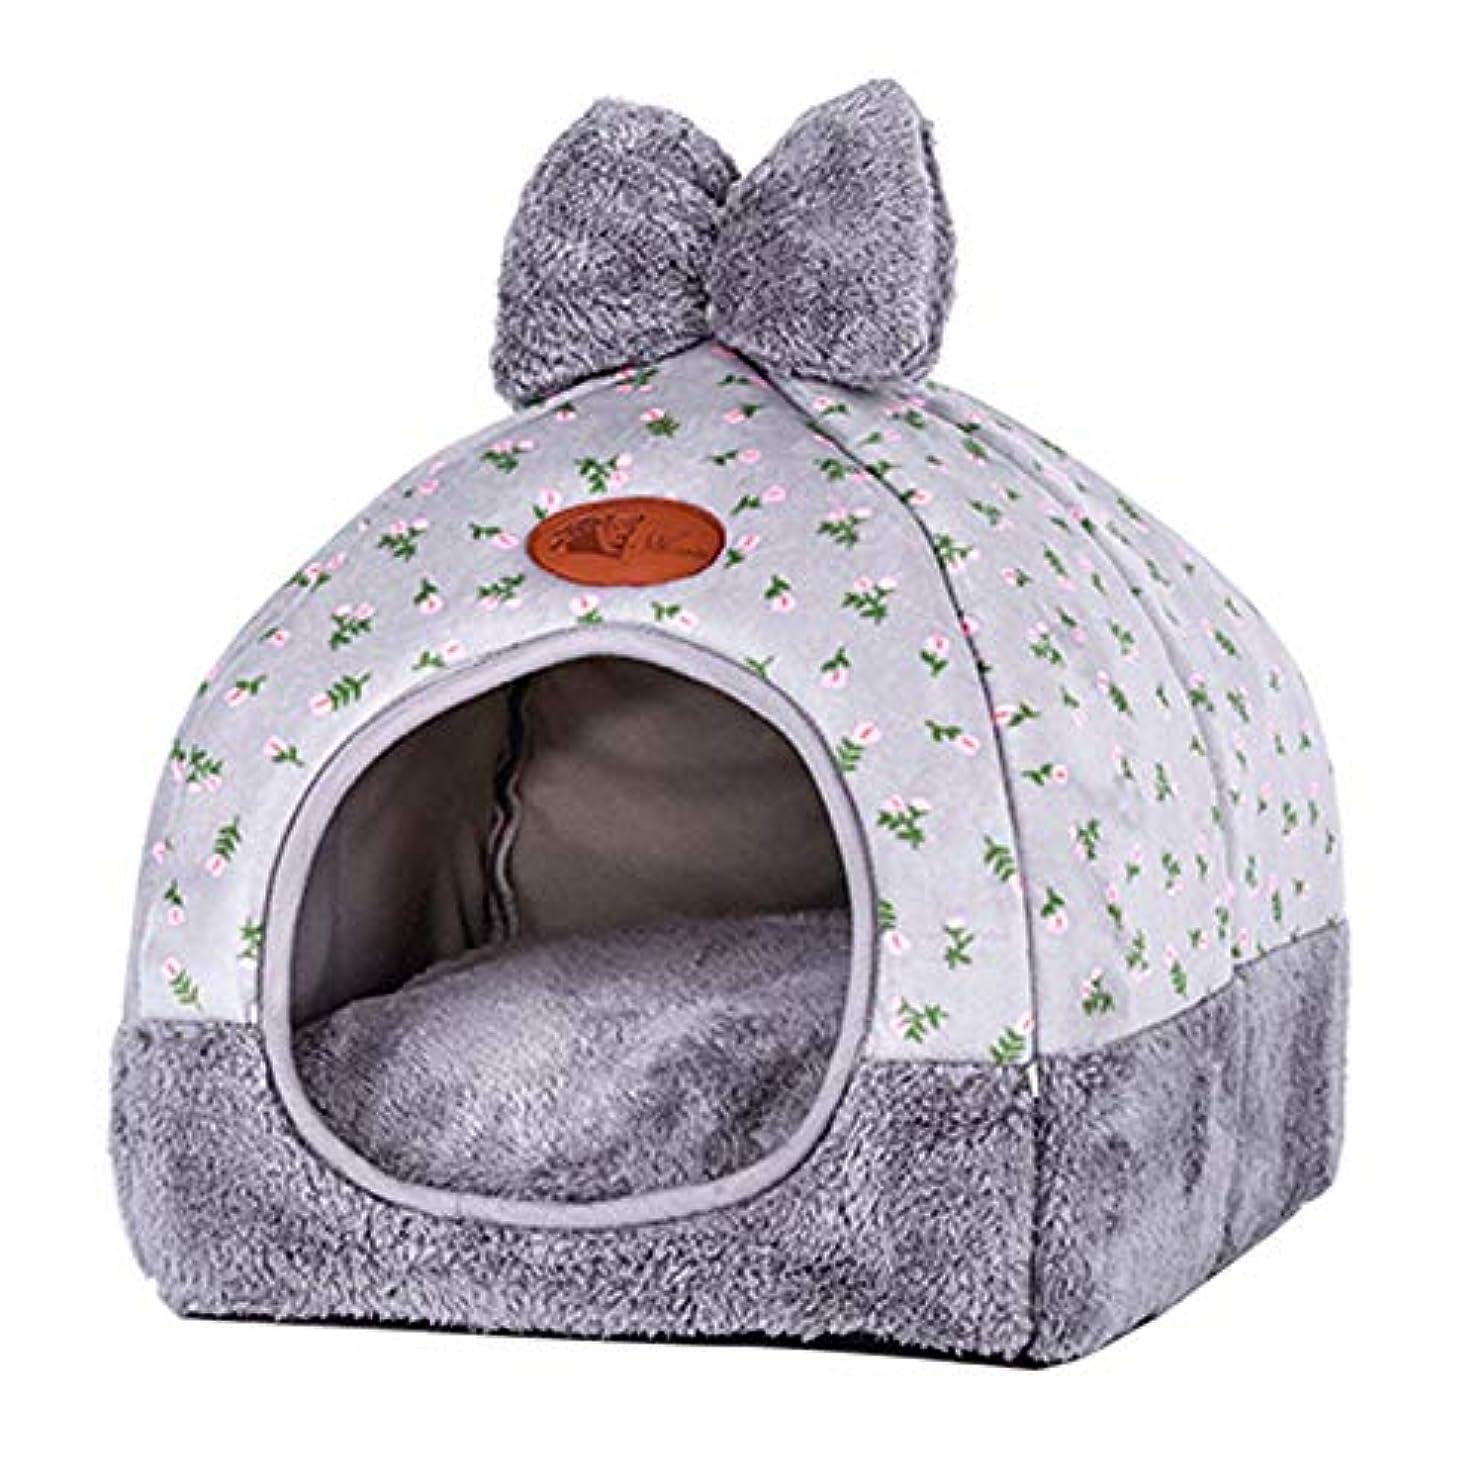 美的ぼろ成功するCozyswan ドーム型ペットベッド 蝶結びデザイン 小型犬 猫用 マット キャットハウス ふかふかハウス クッション付 可愛い 秋冬 冬用 防寒 洗える 暖かい ベッド ペット用寝袋 ぐっすり眠れる 四季適用